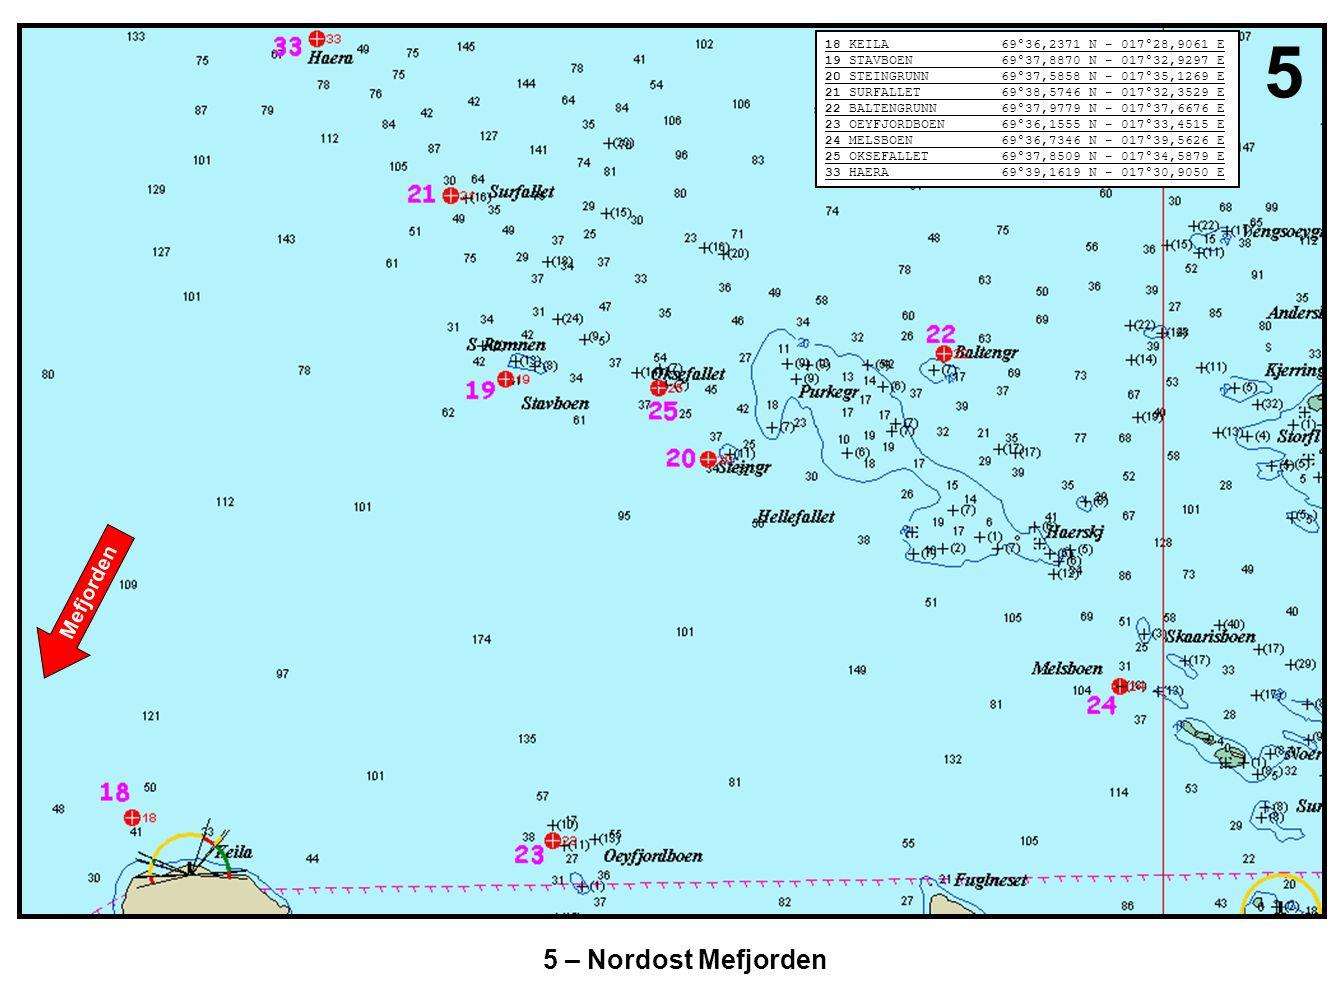 5 – Nordost Mefjorden 5 18 KEILA 69°36,2371 N - 017°28,9061 E 19 STAVBOEN 69°37,8870 N - 017°32,9297 E 20 STEINGRUNN 69°37,5858 N - 017°35,1269 E 21 S